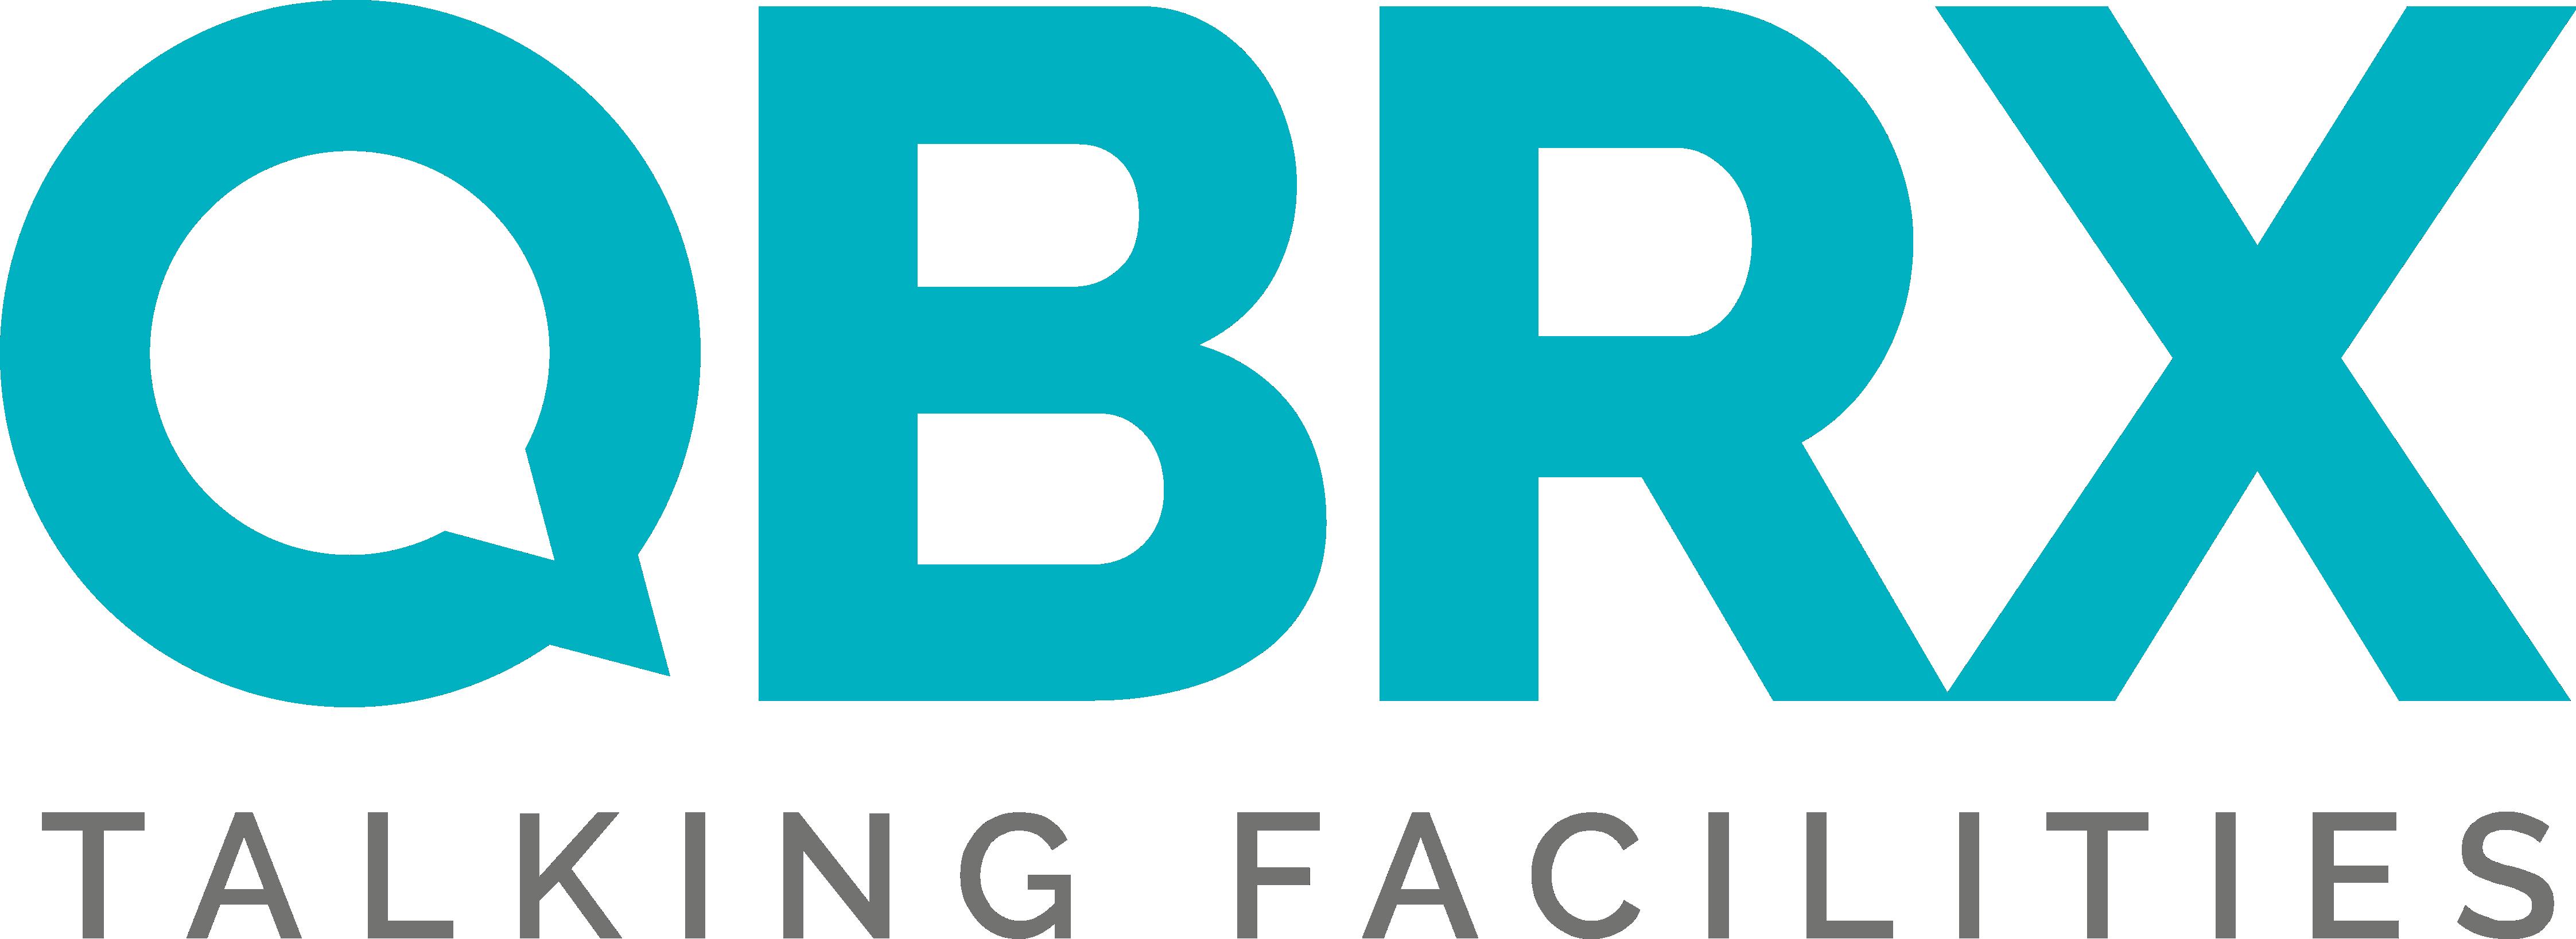 Logo_QBRX_farbig